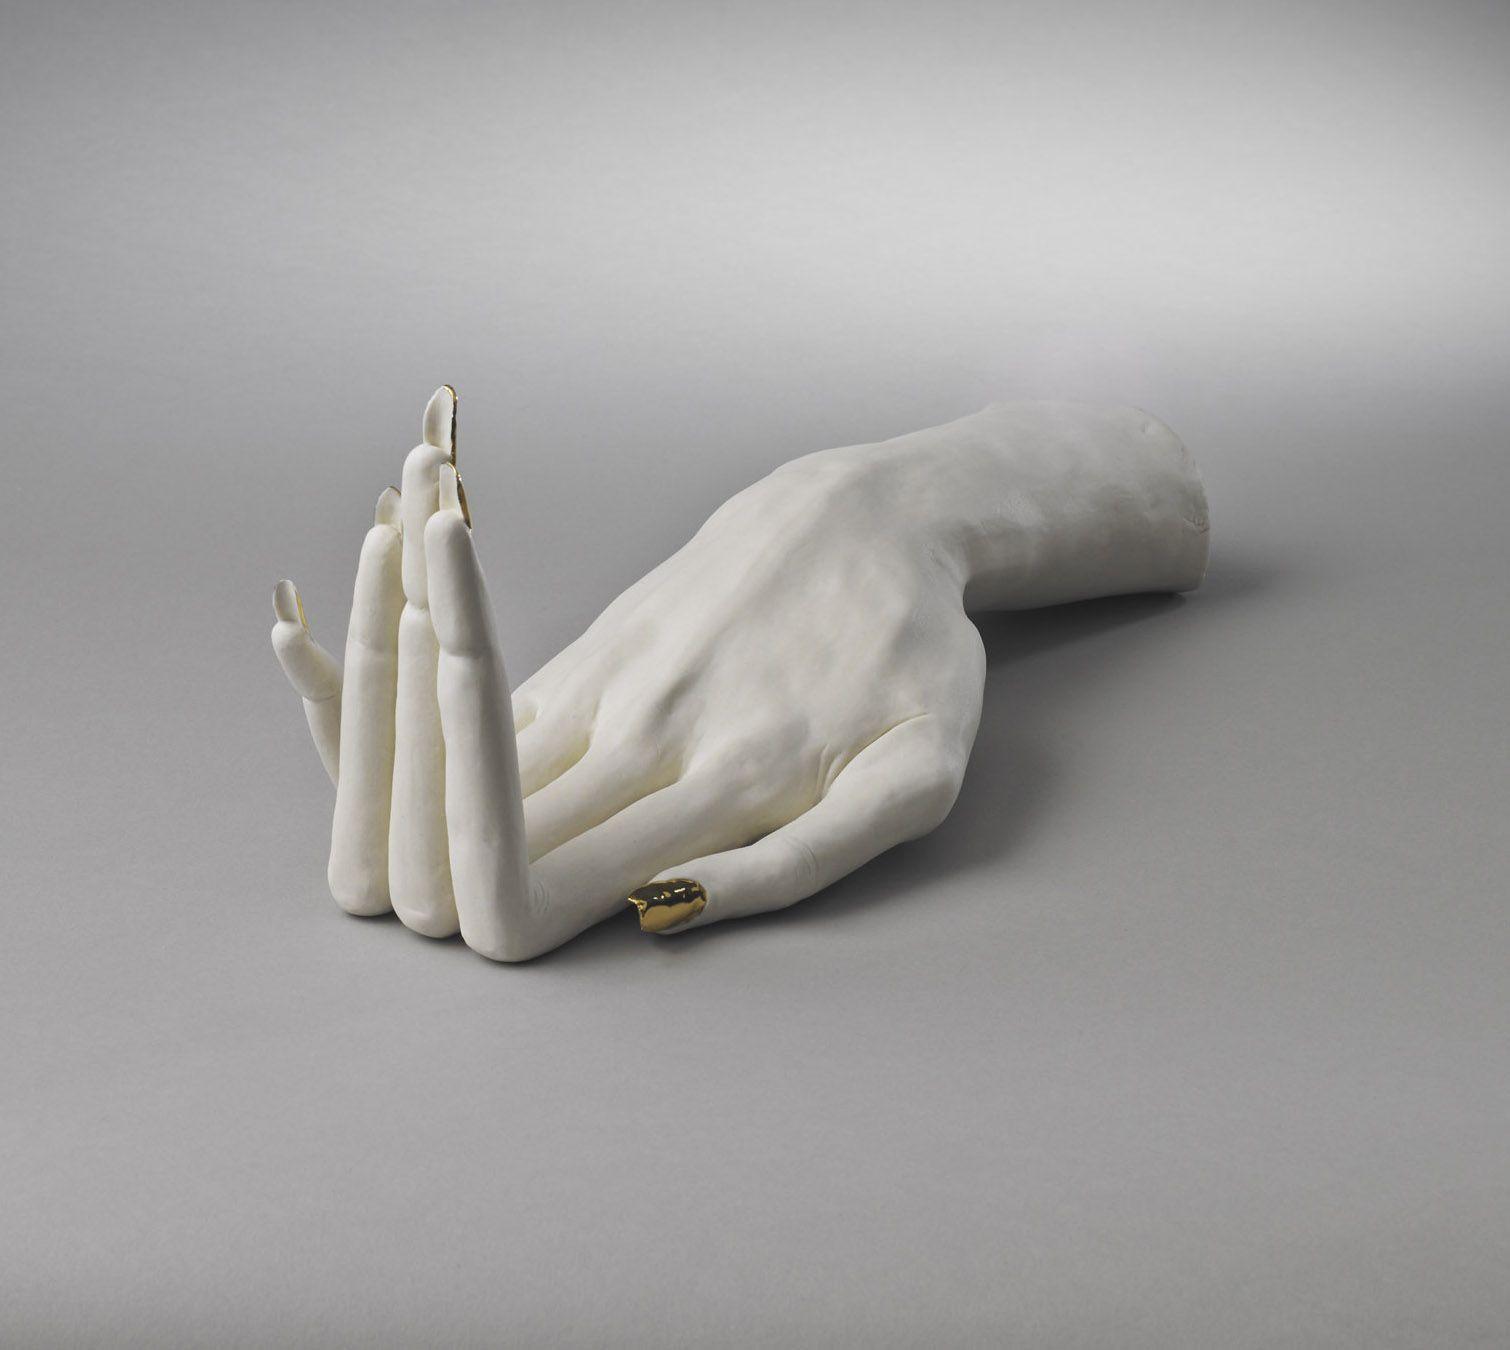 distorted sculpture hand by alessandro boezio